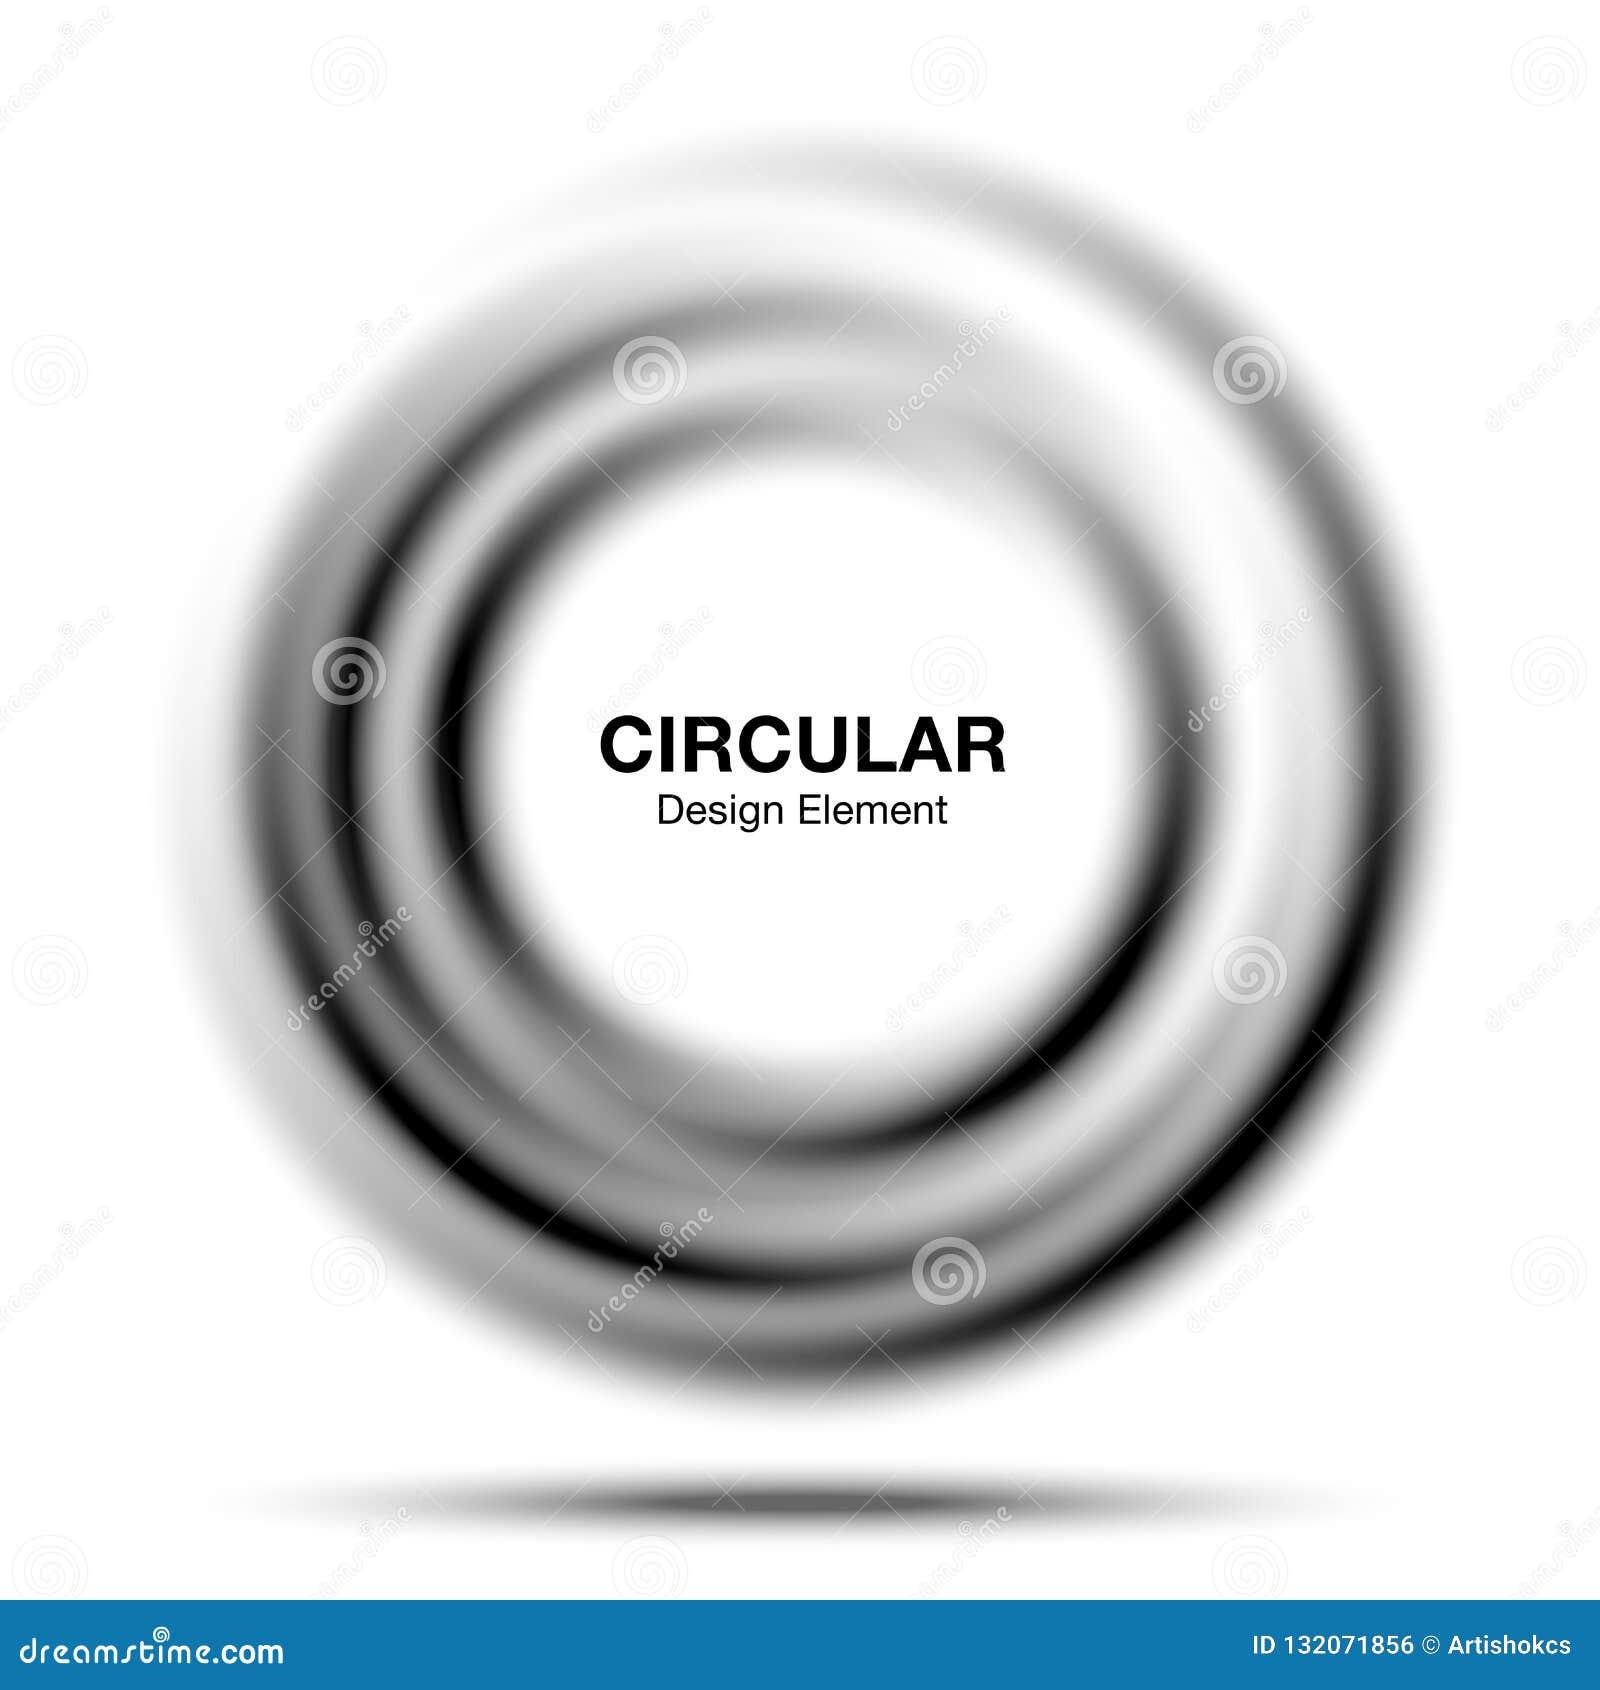 Vortex Gradient Round Banner  Abstract Gray Swirl Circle